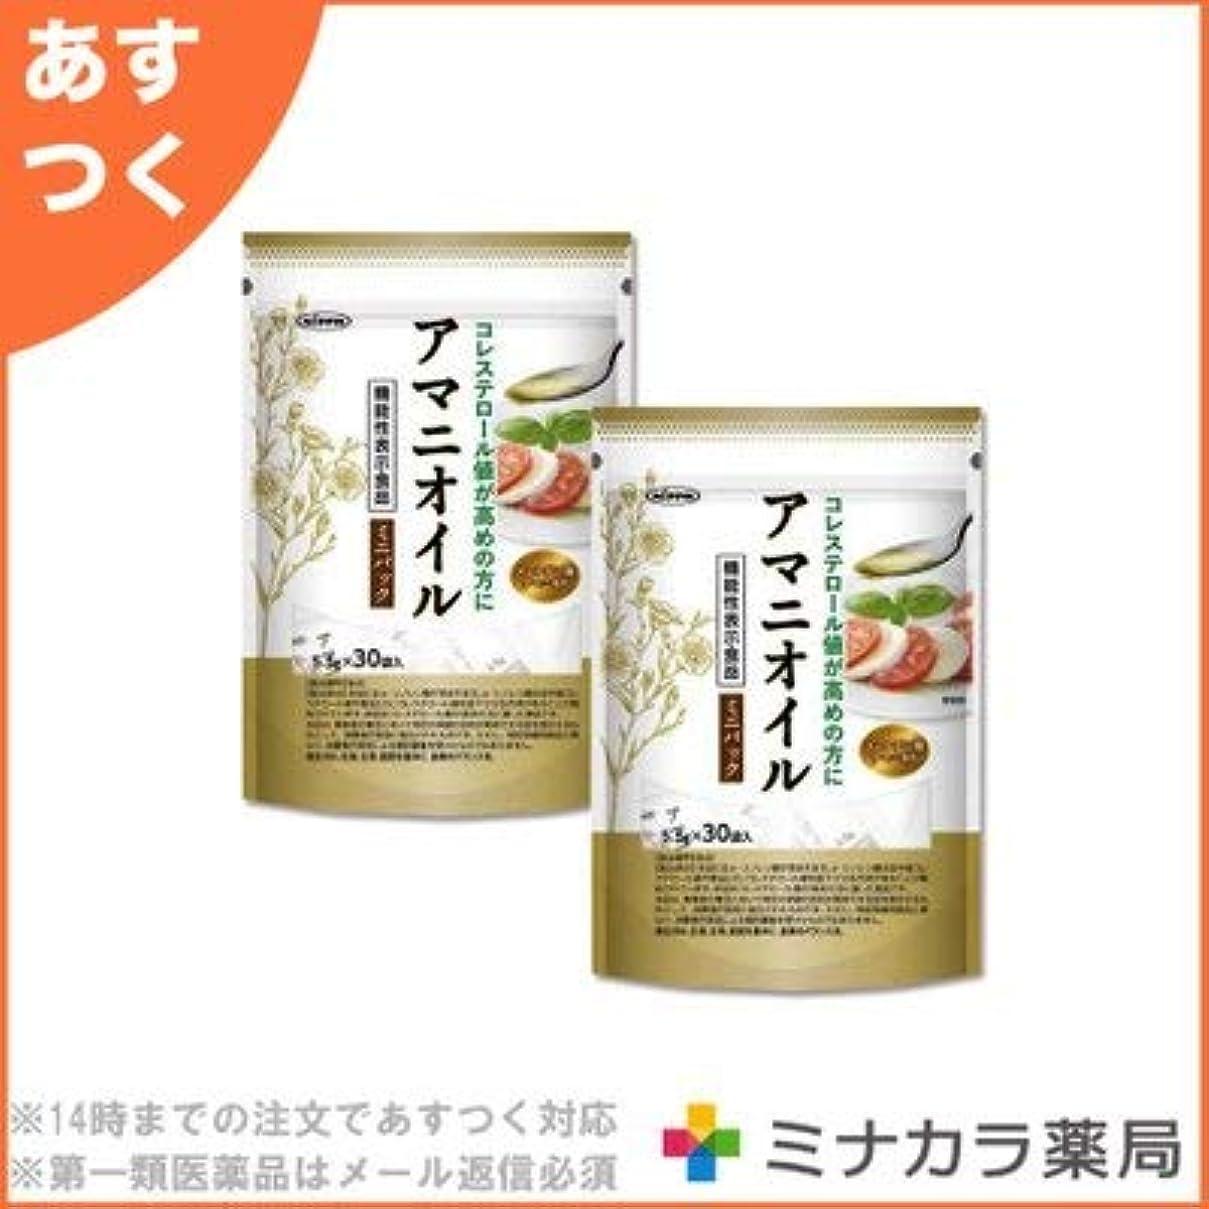 そのホバート明快日本製粉 アマニオイル ミニパック 5.5g×30 (機能性表示食品)×2個セット